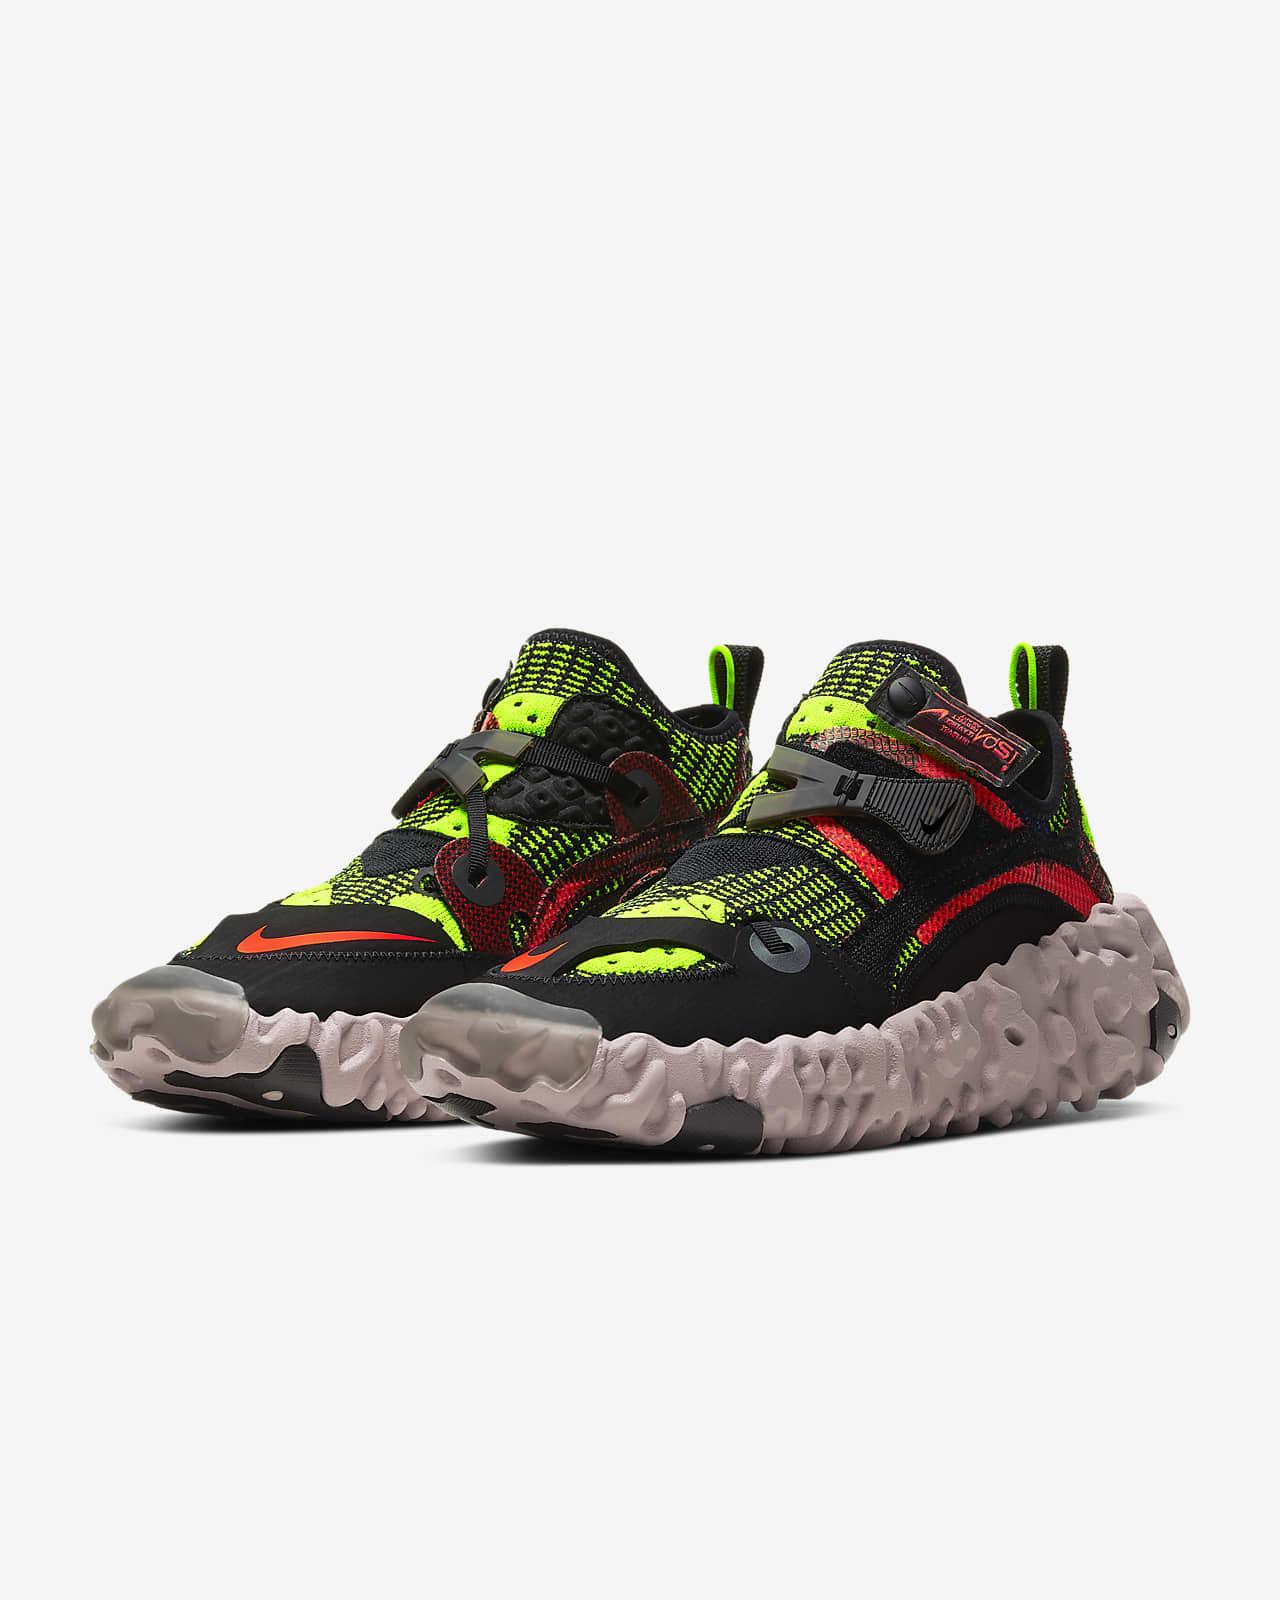 Nike ISPA OverReact Flyknit Men's Shoe